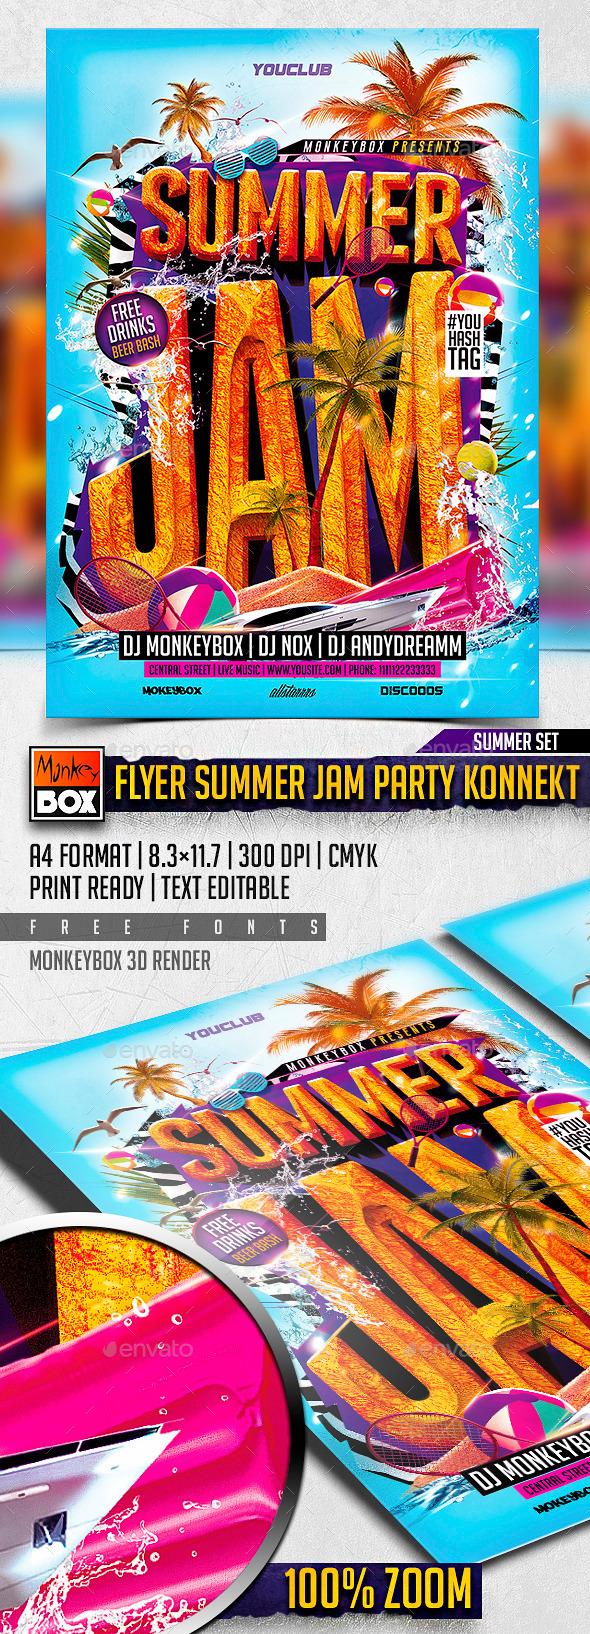 GraphicRiver Flyer Summer Jam Party Konnekt 11367707